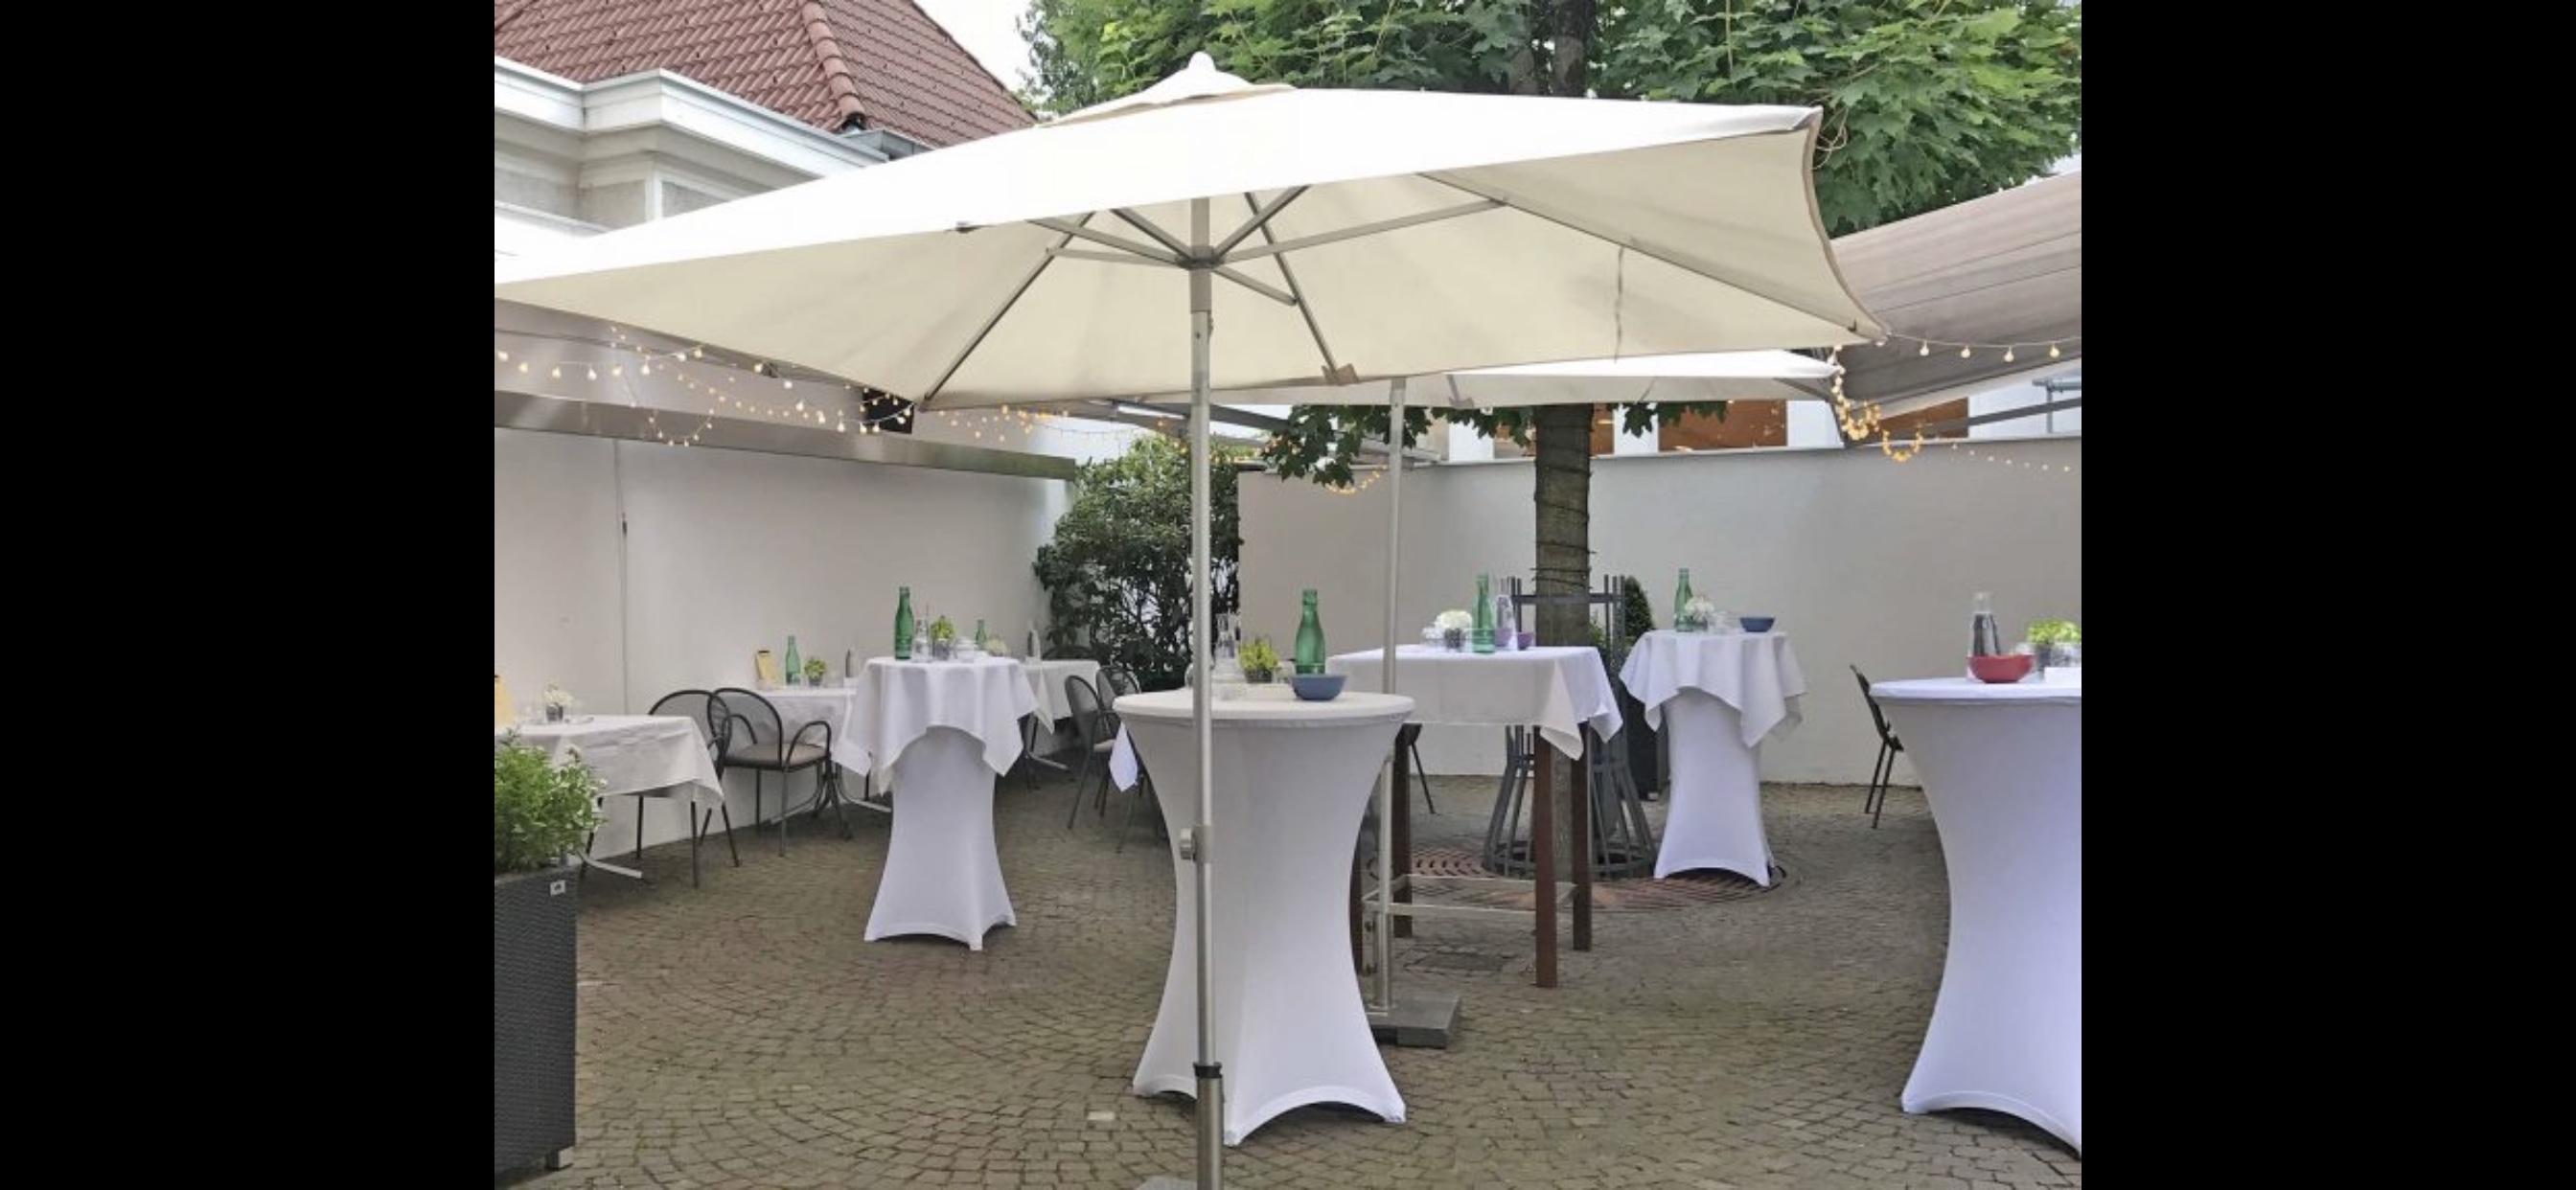 Hochzeiten und Geburtstage im Sommer stimmungsvoll feiern, bei uns mitten in der Stadt!